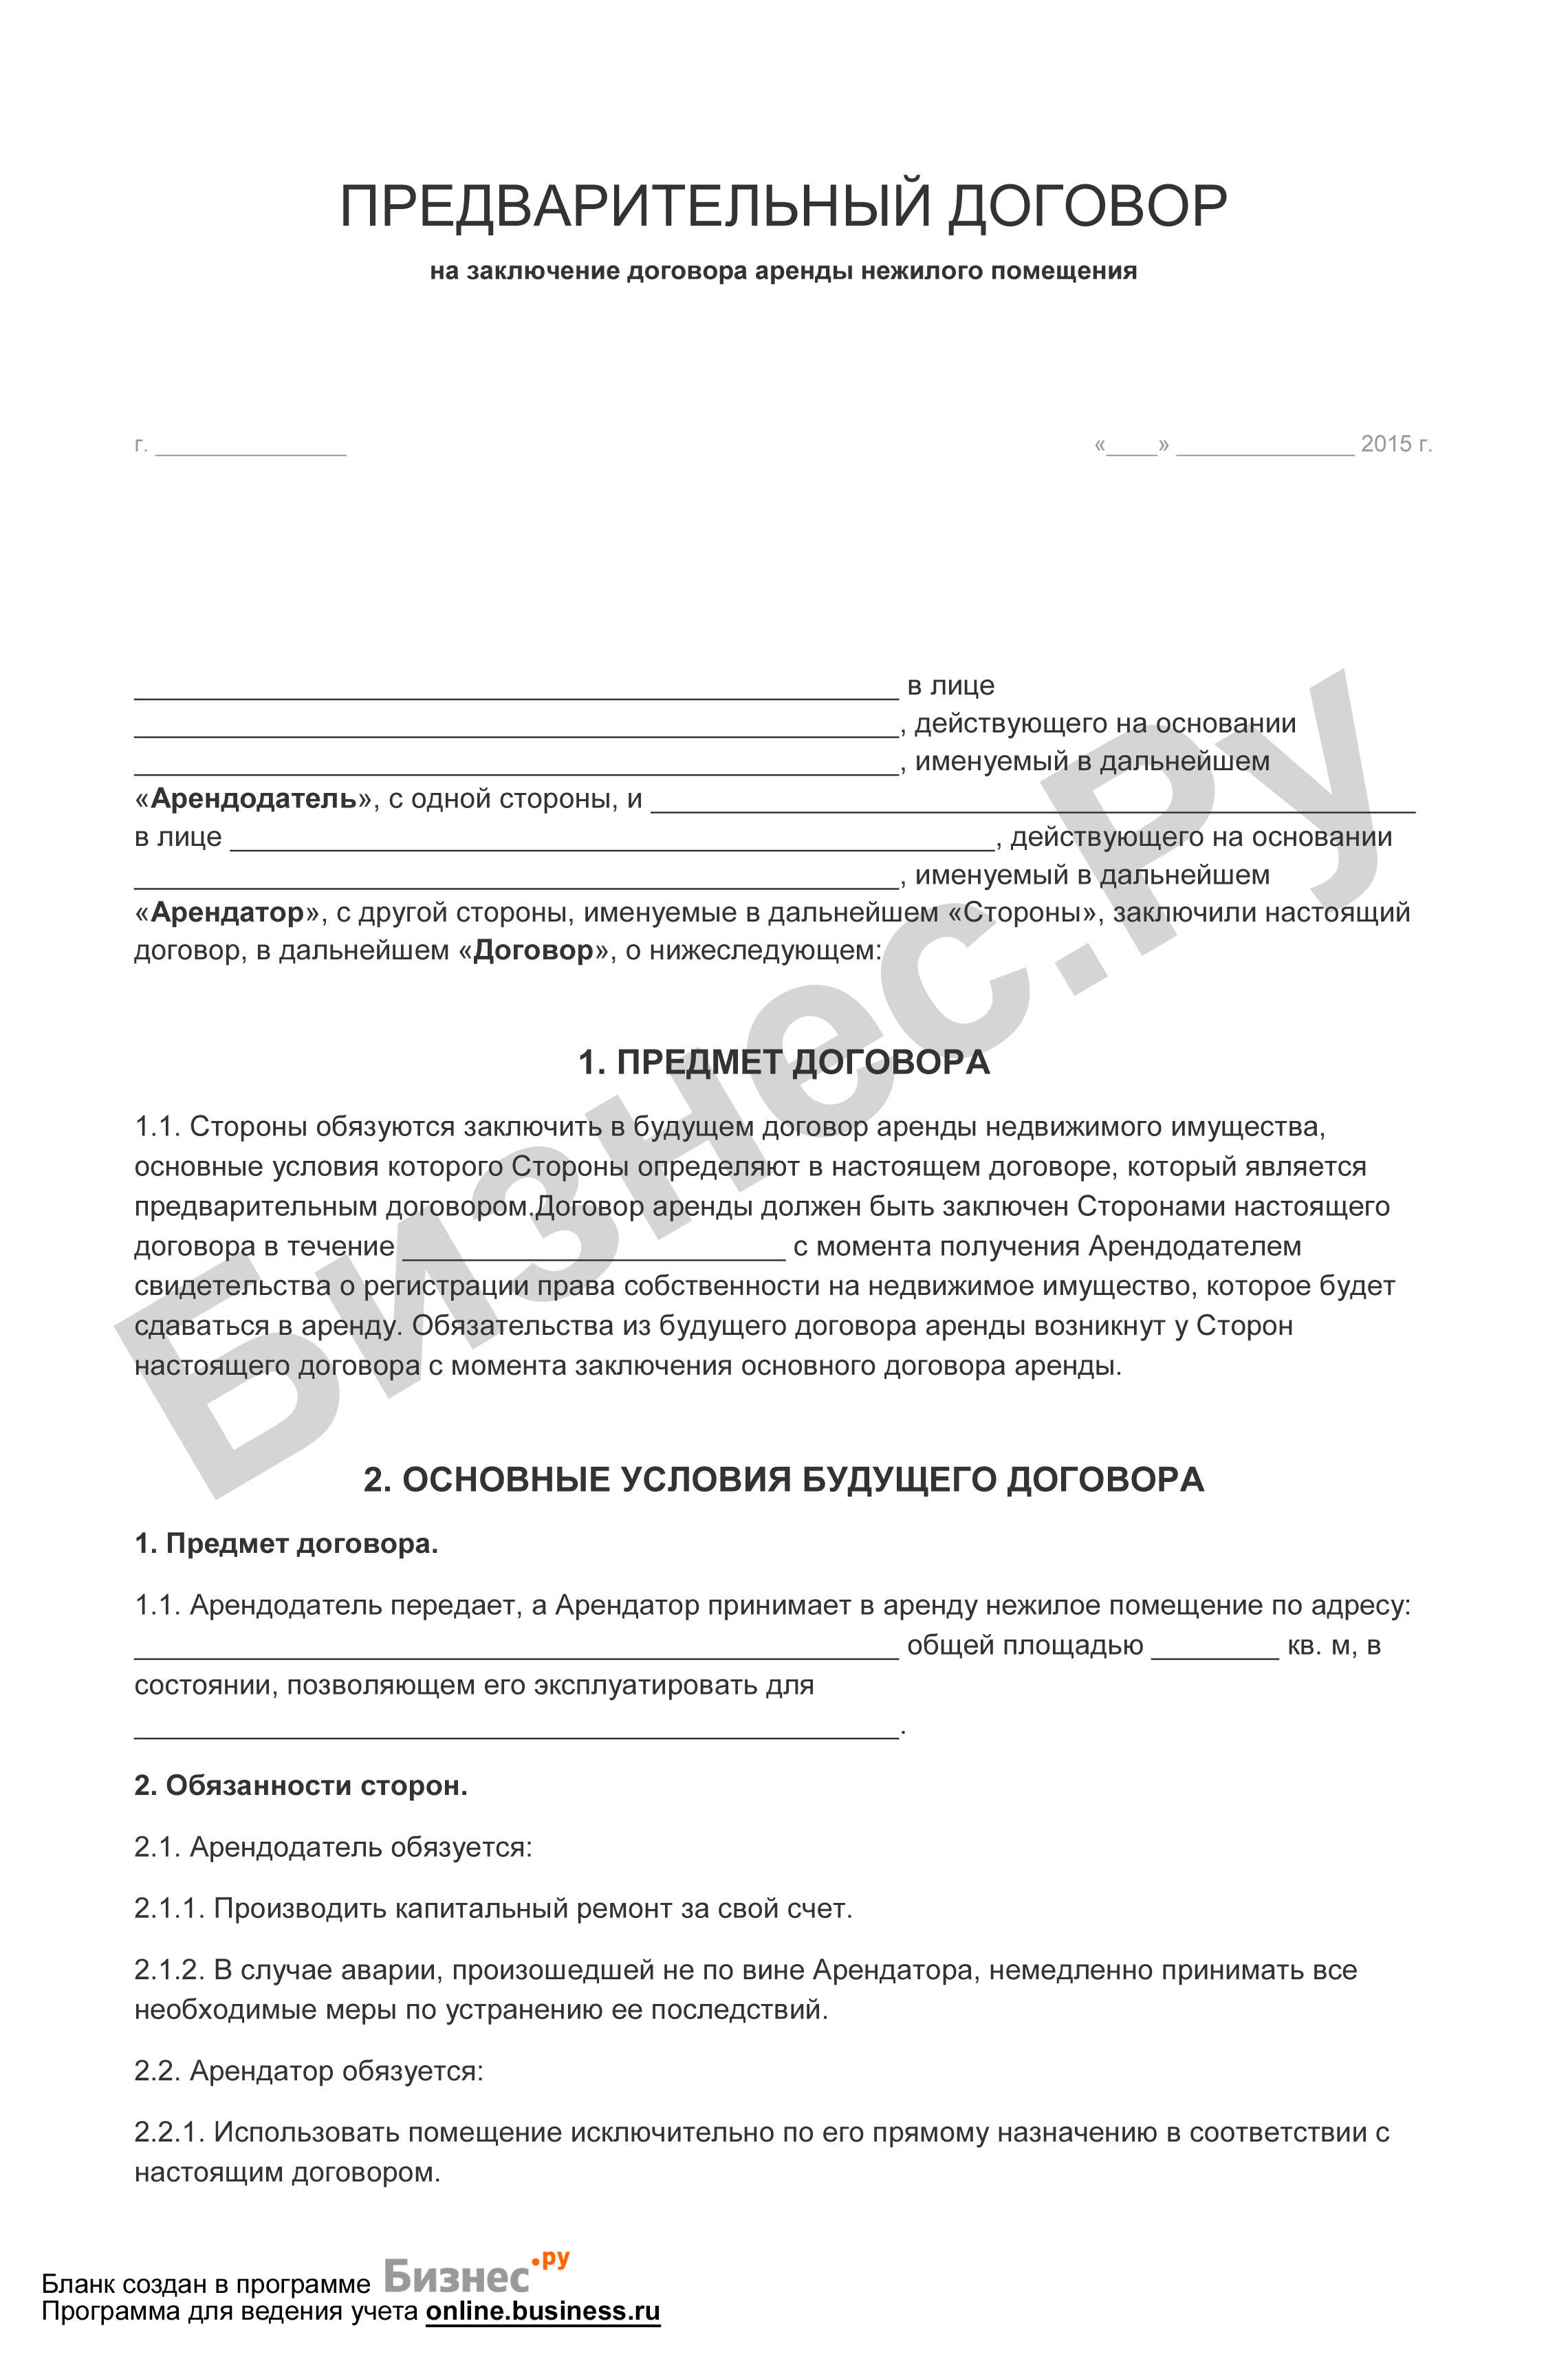 Предварительный договор аренды нежилого помещения регистрация ооо сроки при регистрации ооо